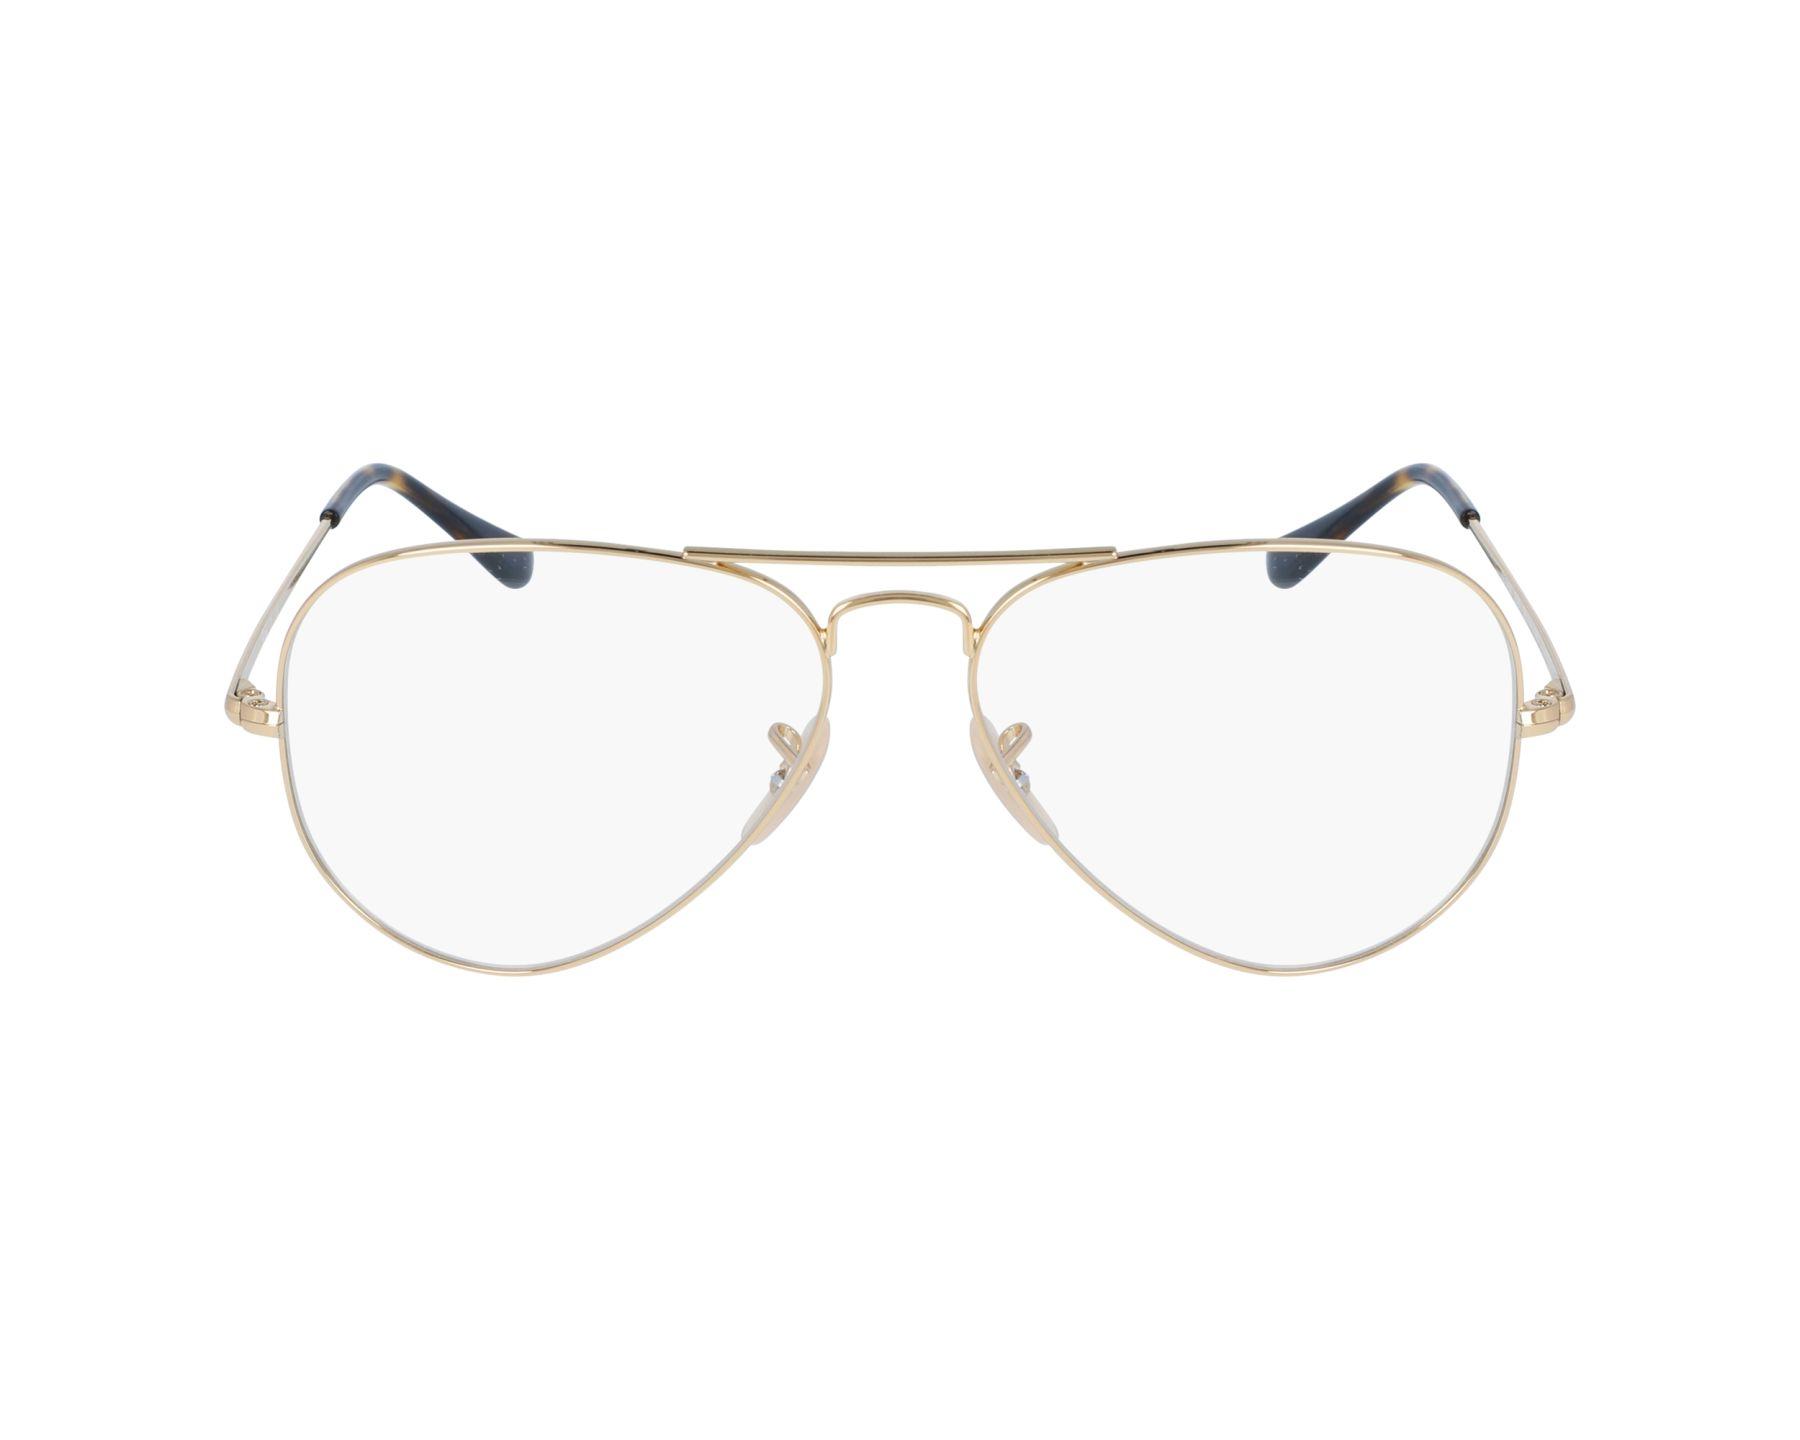 7ec407993e Gafas Graduadas Ray-Ban RX-6489 2500 55-14 Oro vista de perfil